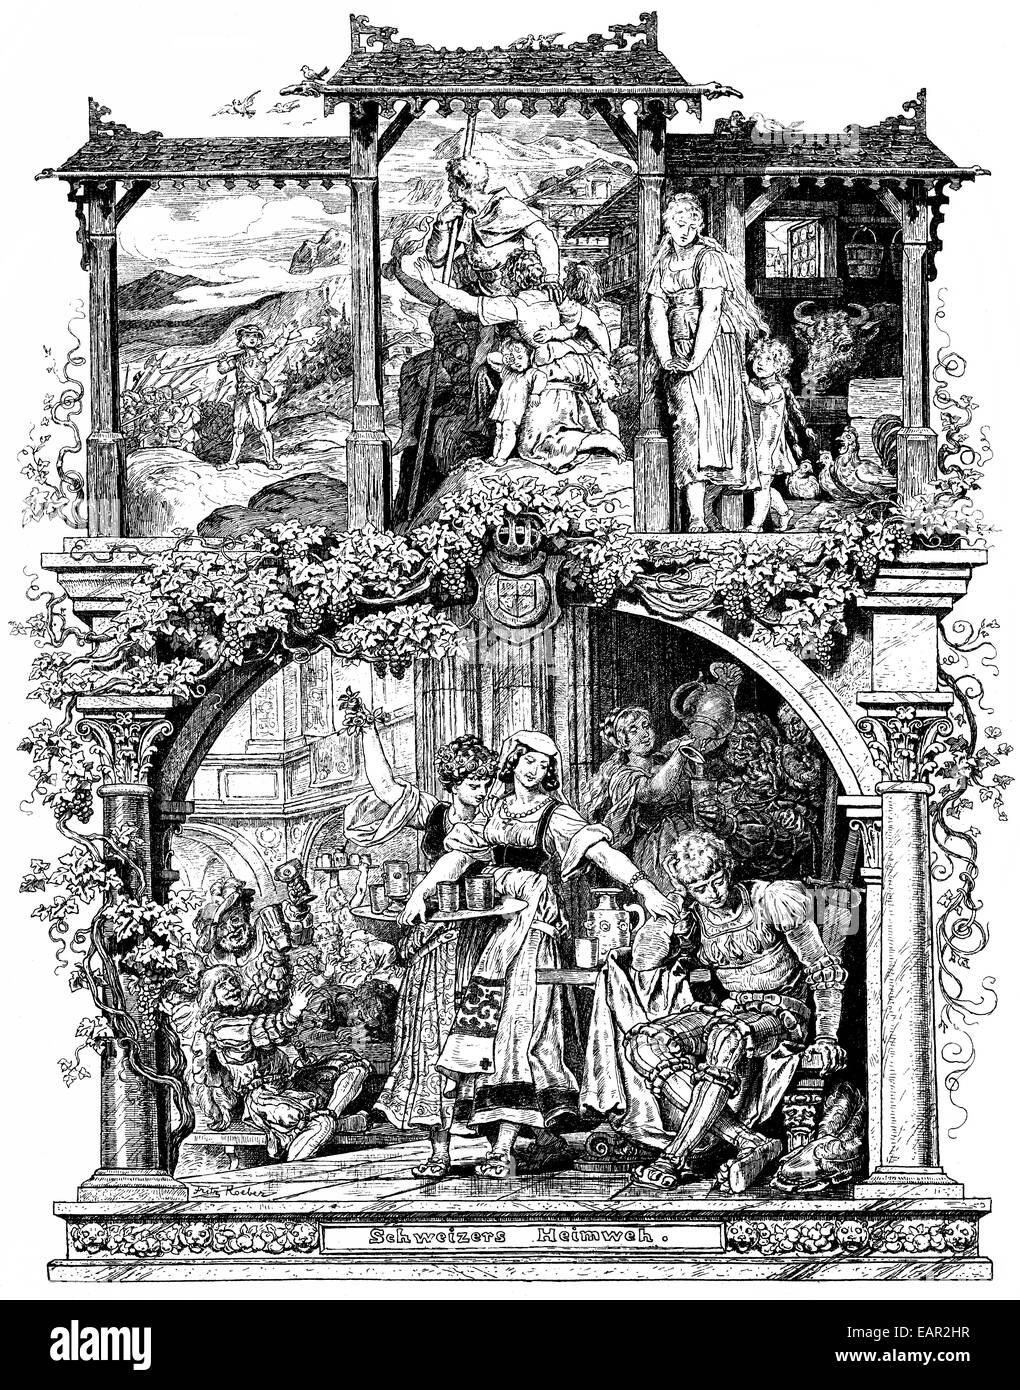 Romantische Darstellung des Liedes Schweizer Heimweh, aus dem Buch Deutsches Liederlexikon von A. Haertel, 1865, Stockbild